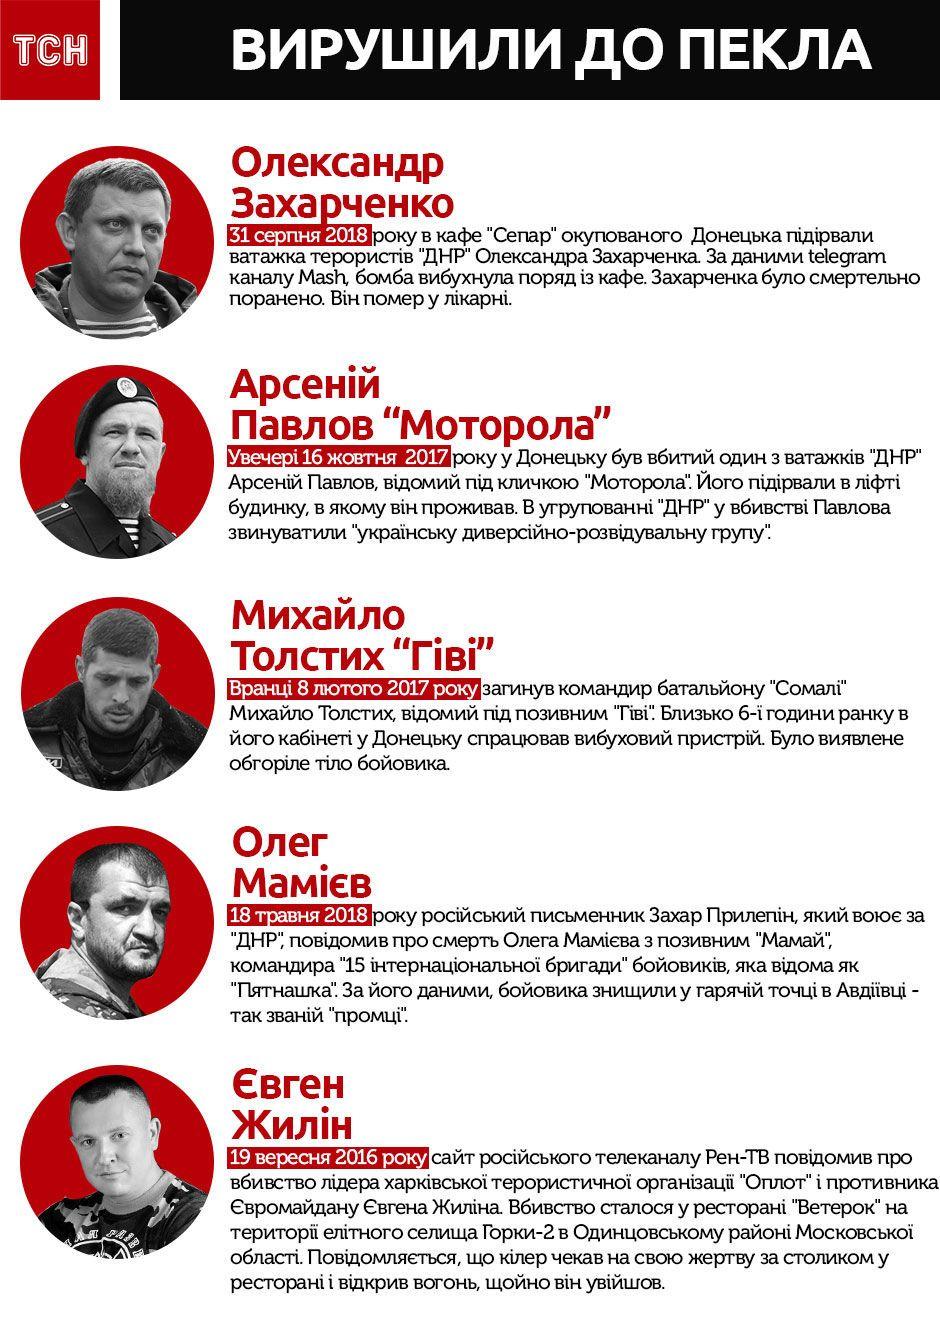 Ватажки бойовиків, вбиті, інфографіка